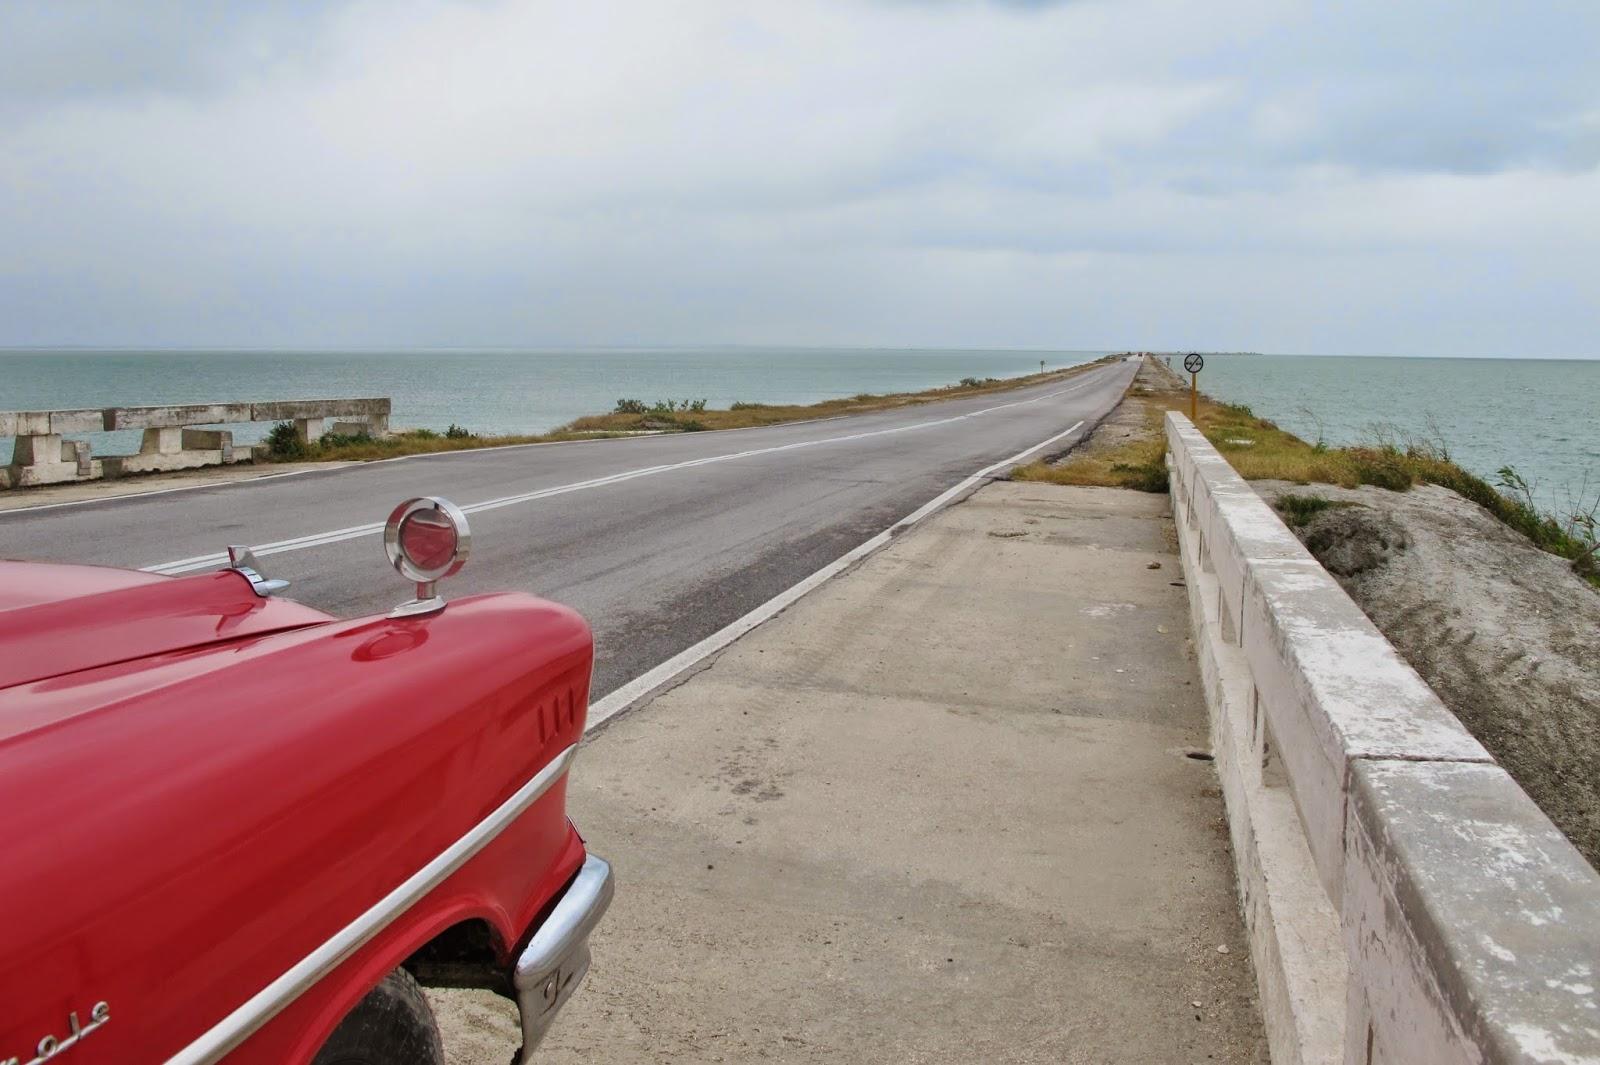 Pedraplén, estrada que liga o Cayo Santa Maria à Remedios, em Cuba.